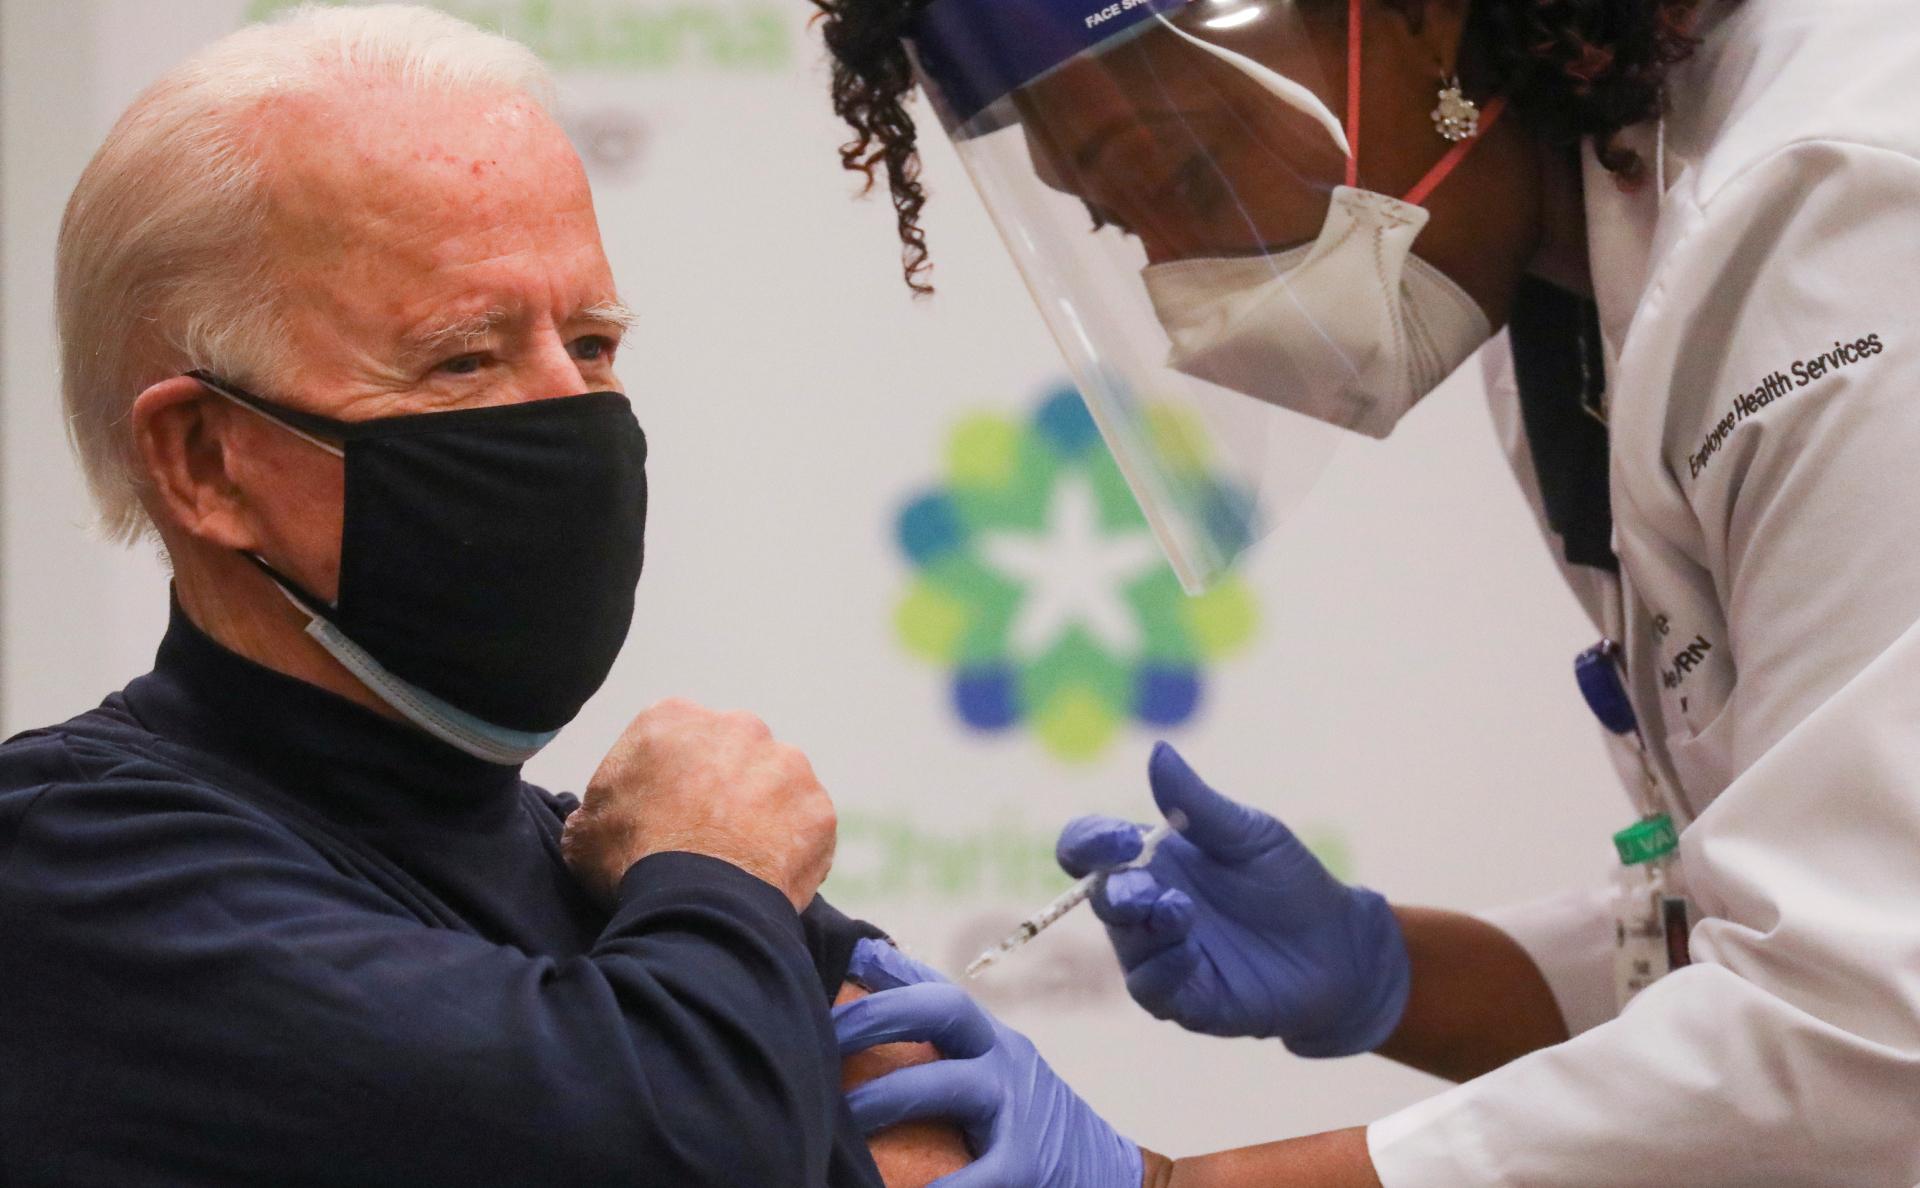 Байден сделал прививку от коронавируса в прямом эфире :: Политика :: РБК